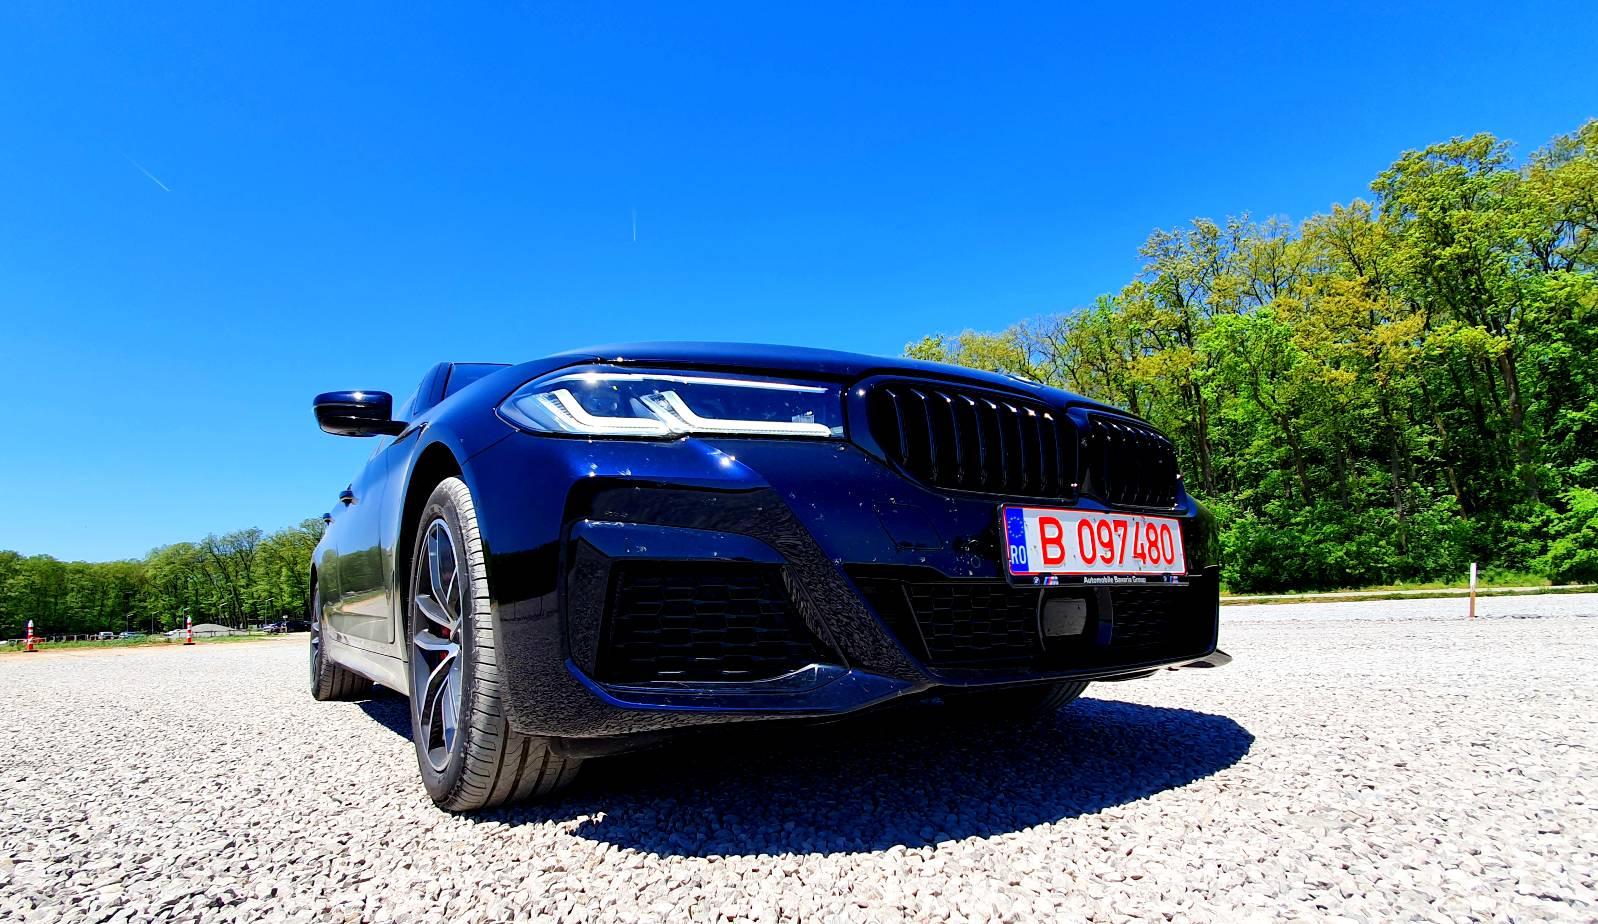 BMW 545e xDrive G30 PHEV 394 CP, test drive BMW 545e xDrive G30 PHEV 394 CP, drive test, autolatest, automobile bavariam review BMW 545e xDrive G30 PHEV 394 CP, 0-100 km/h , consum real BMW 545e xDrive G30 PHEV 394 CP, viteza maxima, test romania BMW 545e xDrive G30 PHEV 394 CPbmw 545e xDrive, test drive bmw 545e xDrive, drive test bmw 545e xDrive, automobile bavaria 2021 bmw 545e xDrive, review bmw 545e xDrive, 0-100 km/h bmw 545e xDrive, consum real bmw 545e xDrive, teste auto bmw 545e xDrive, test drive romania bmw 545e xDrive